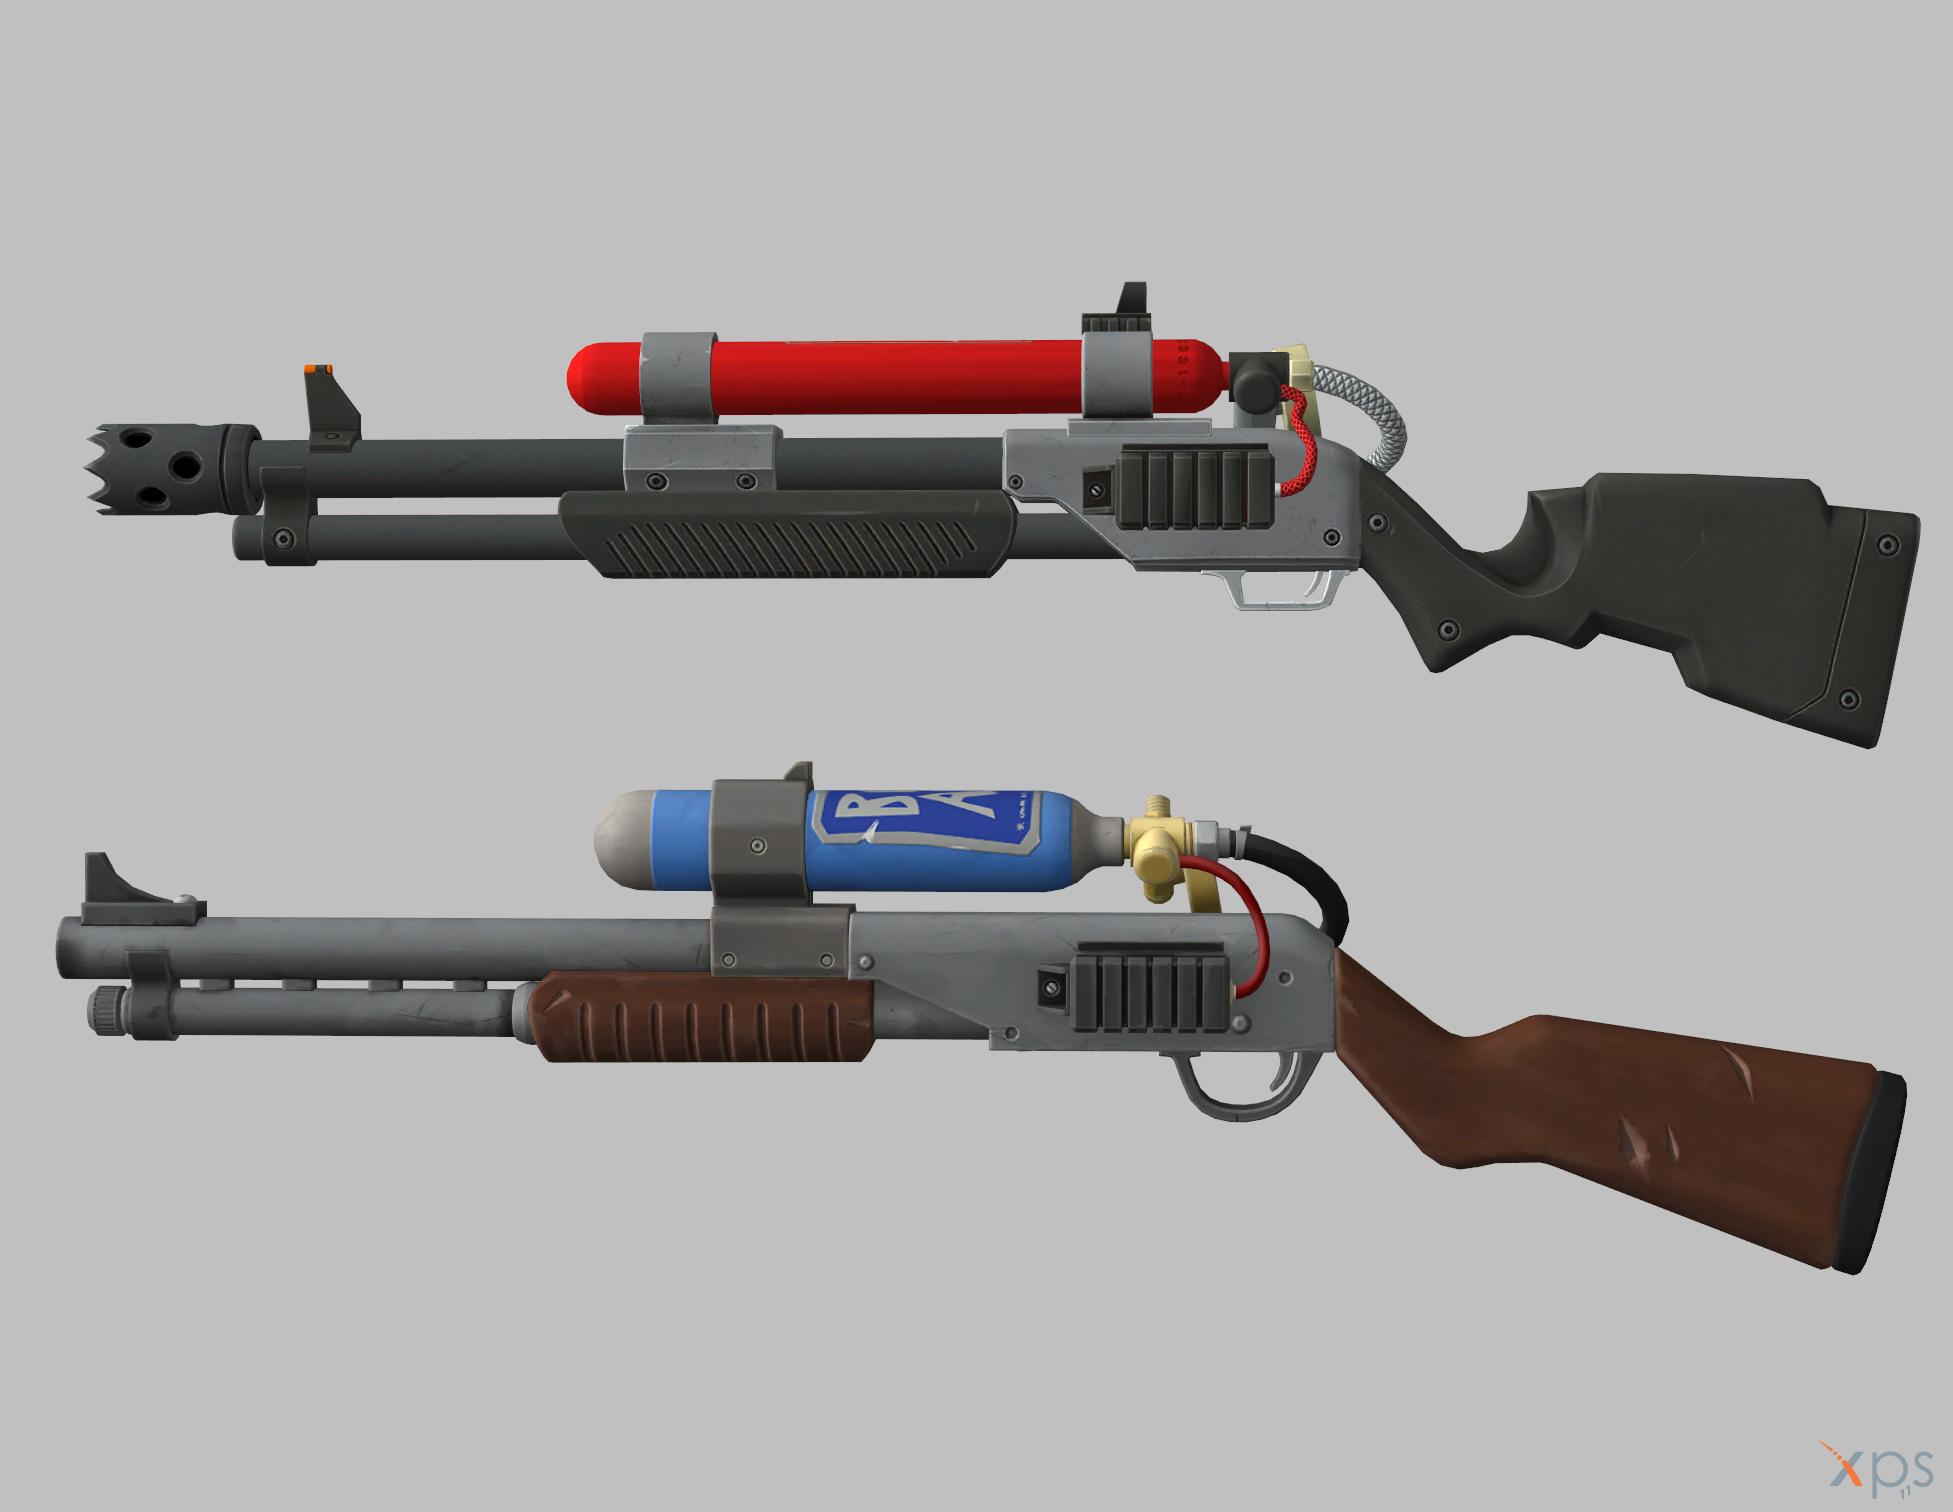 Fortnite Blunderbuss Pistol Fortnite Charge Shotgun By Vasiaklimov On Deviantart